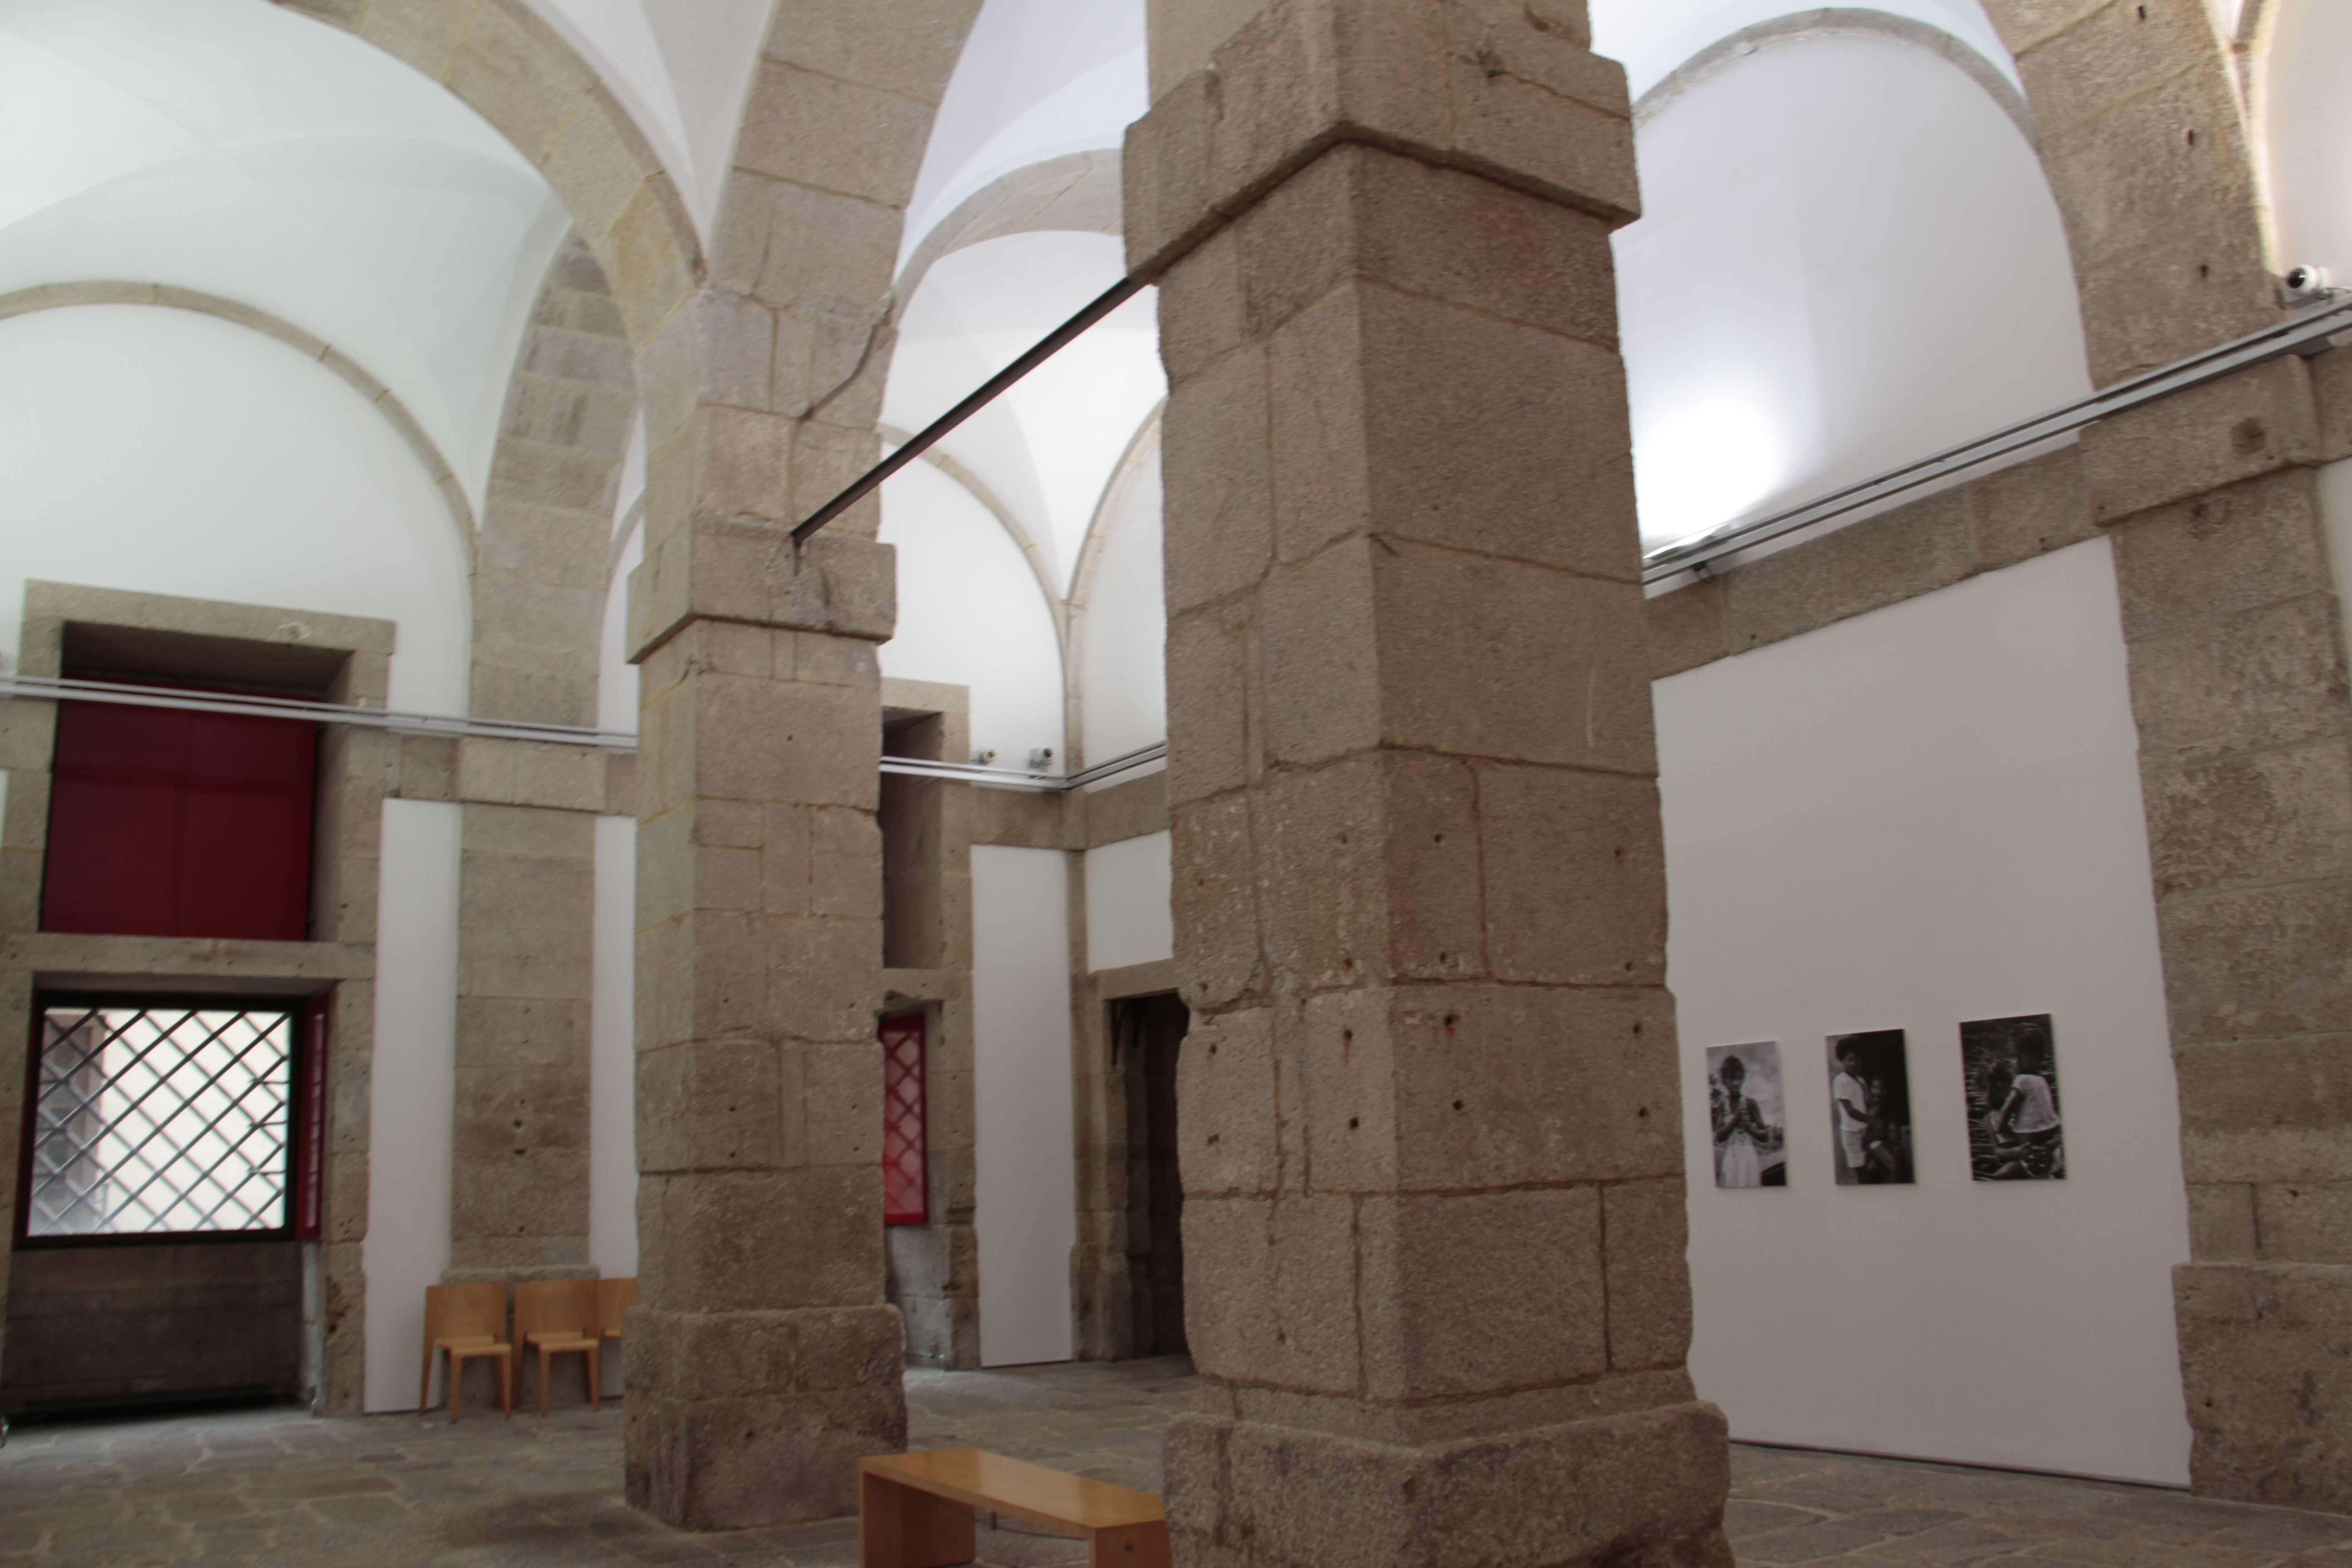 Portugal mai 2018_0112 Porto ancienne prison musee de la photographie